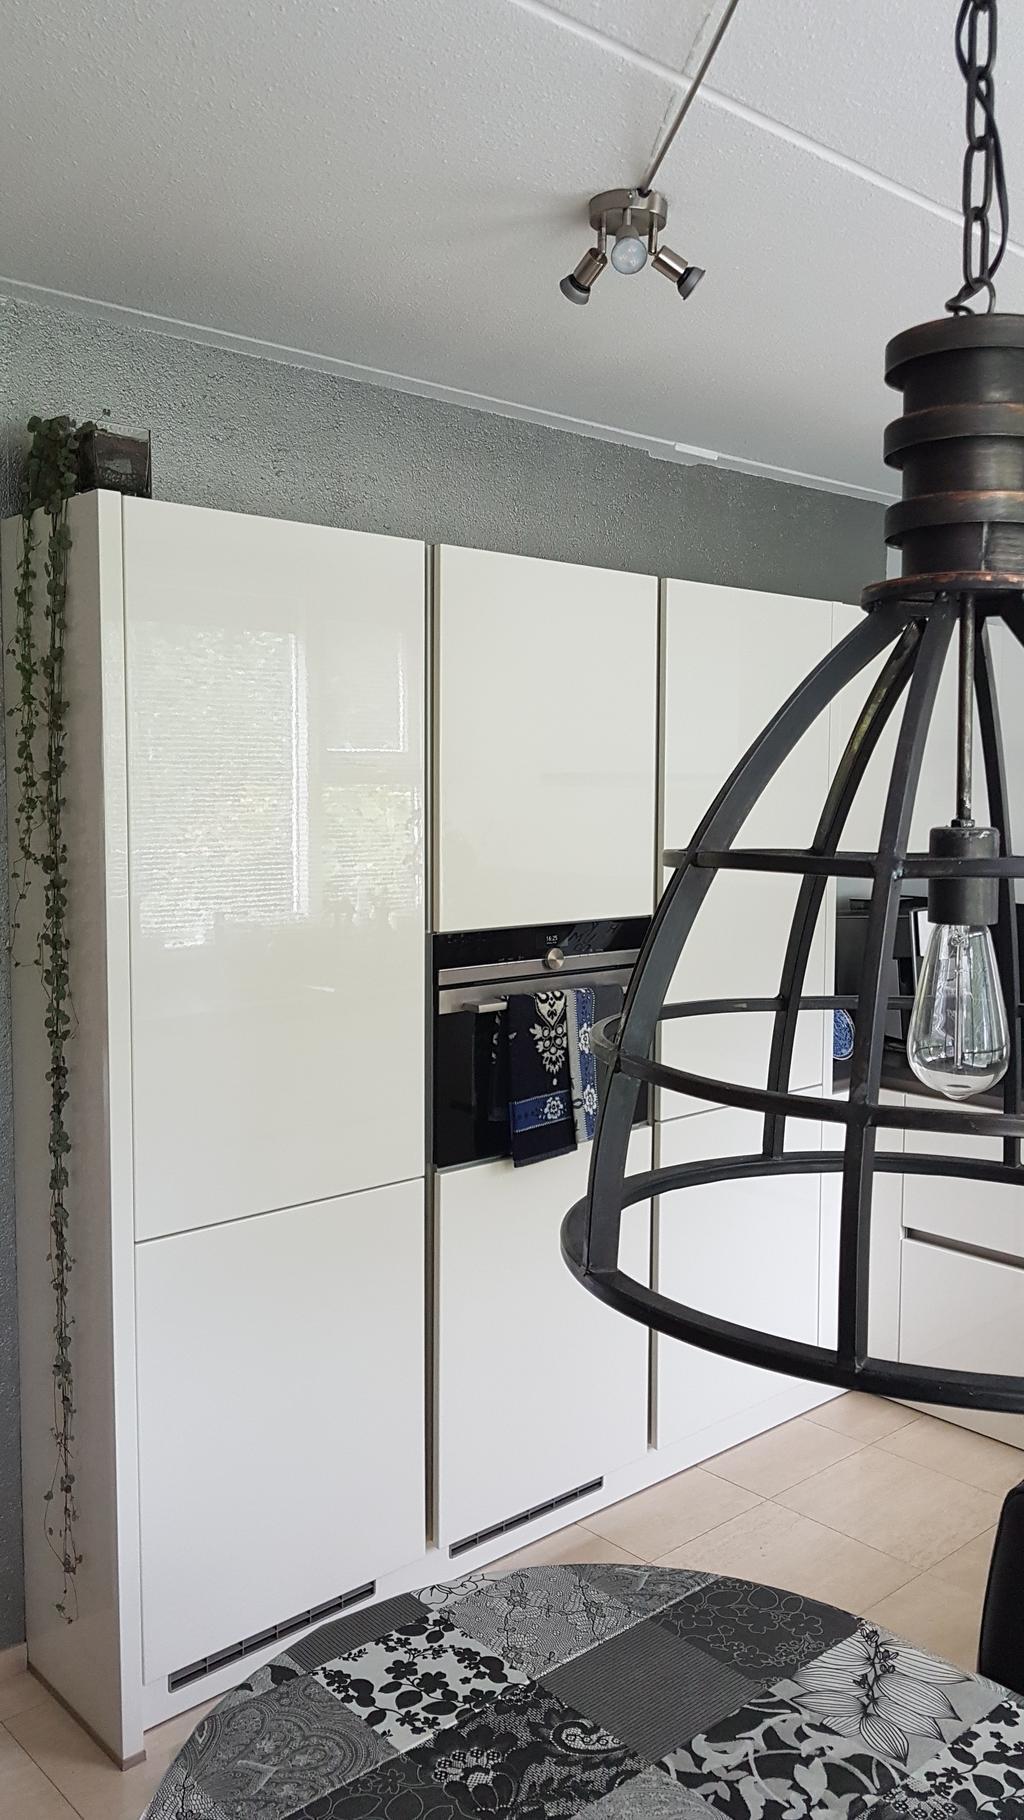 eindelijk-een-mooie-lamp-kunnen-vinden-voor-in-de-keuken